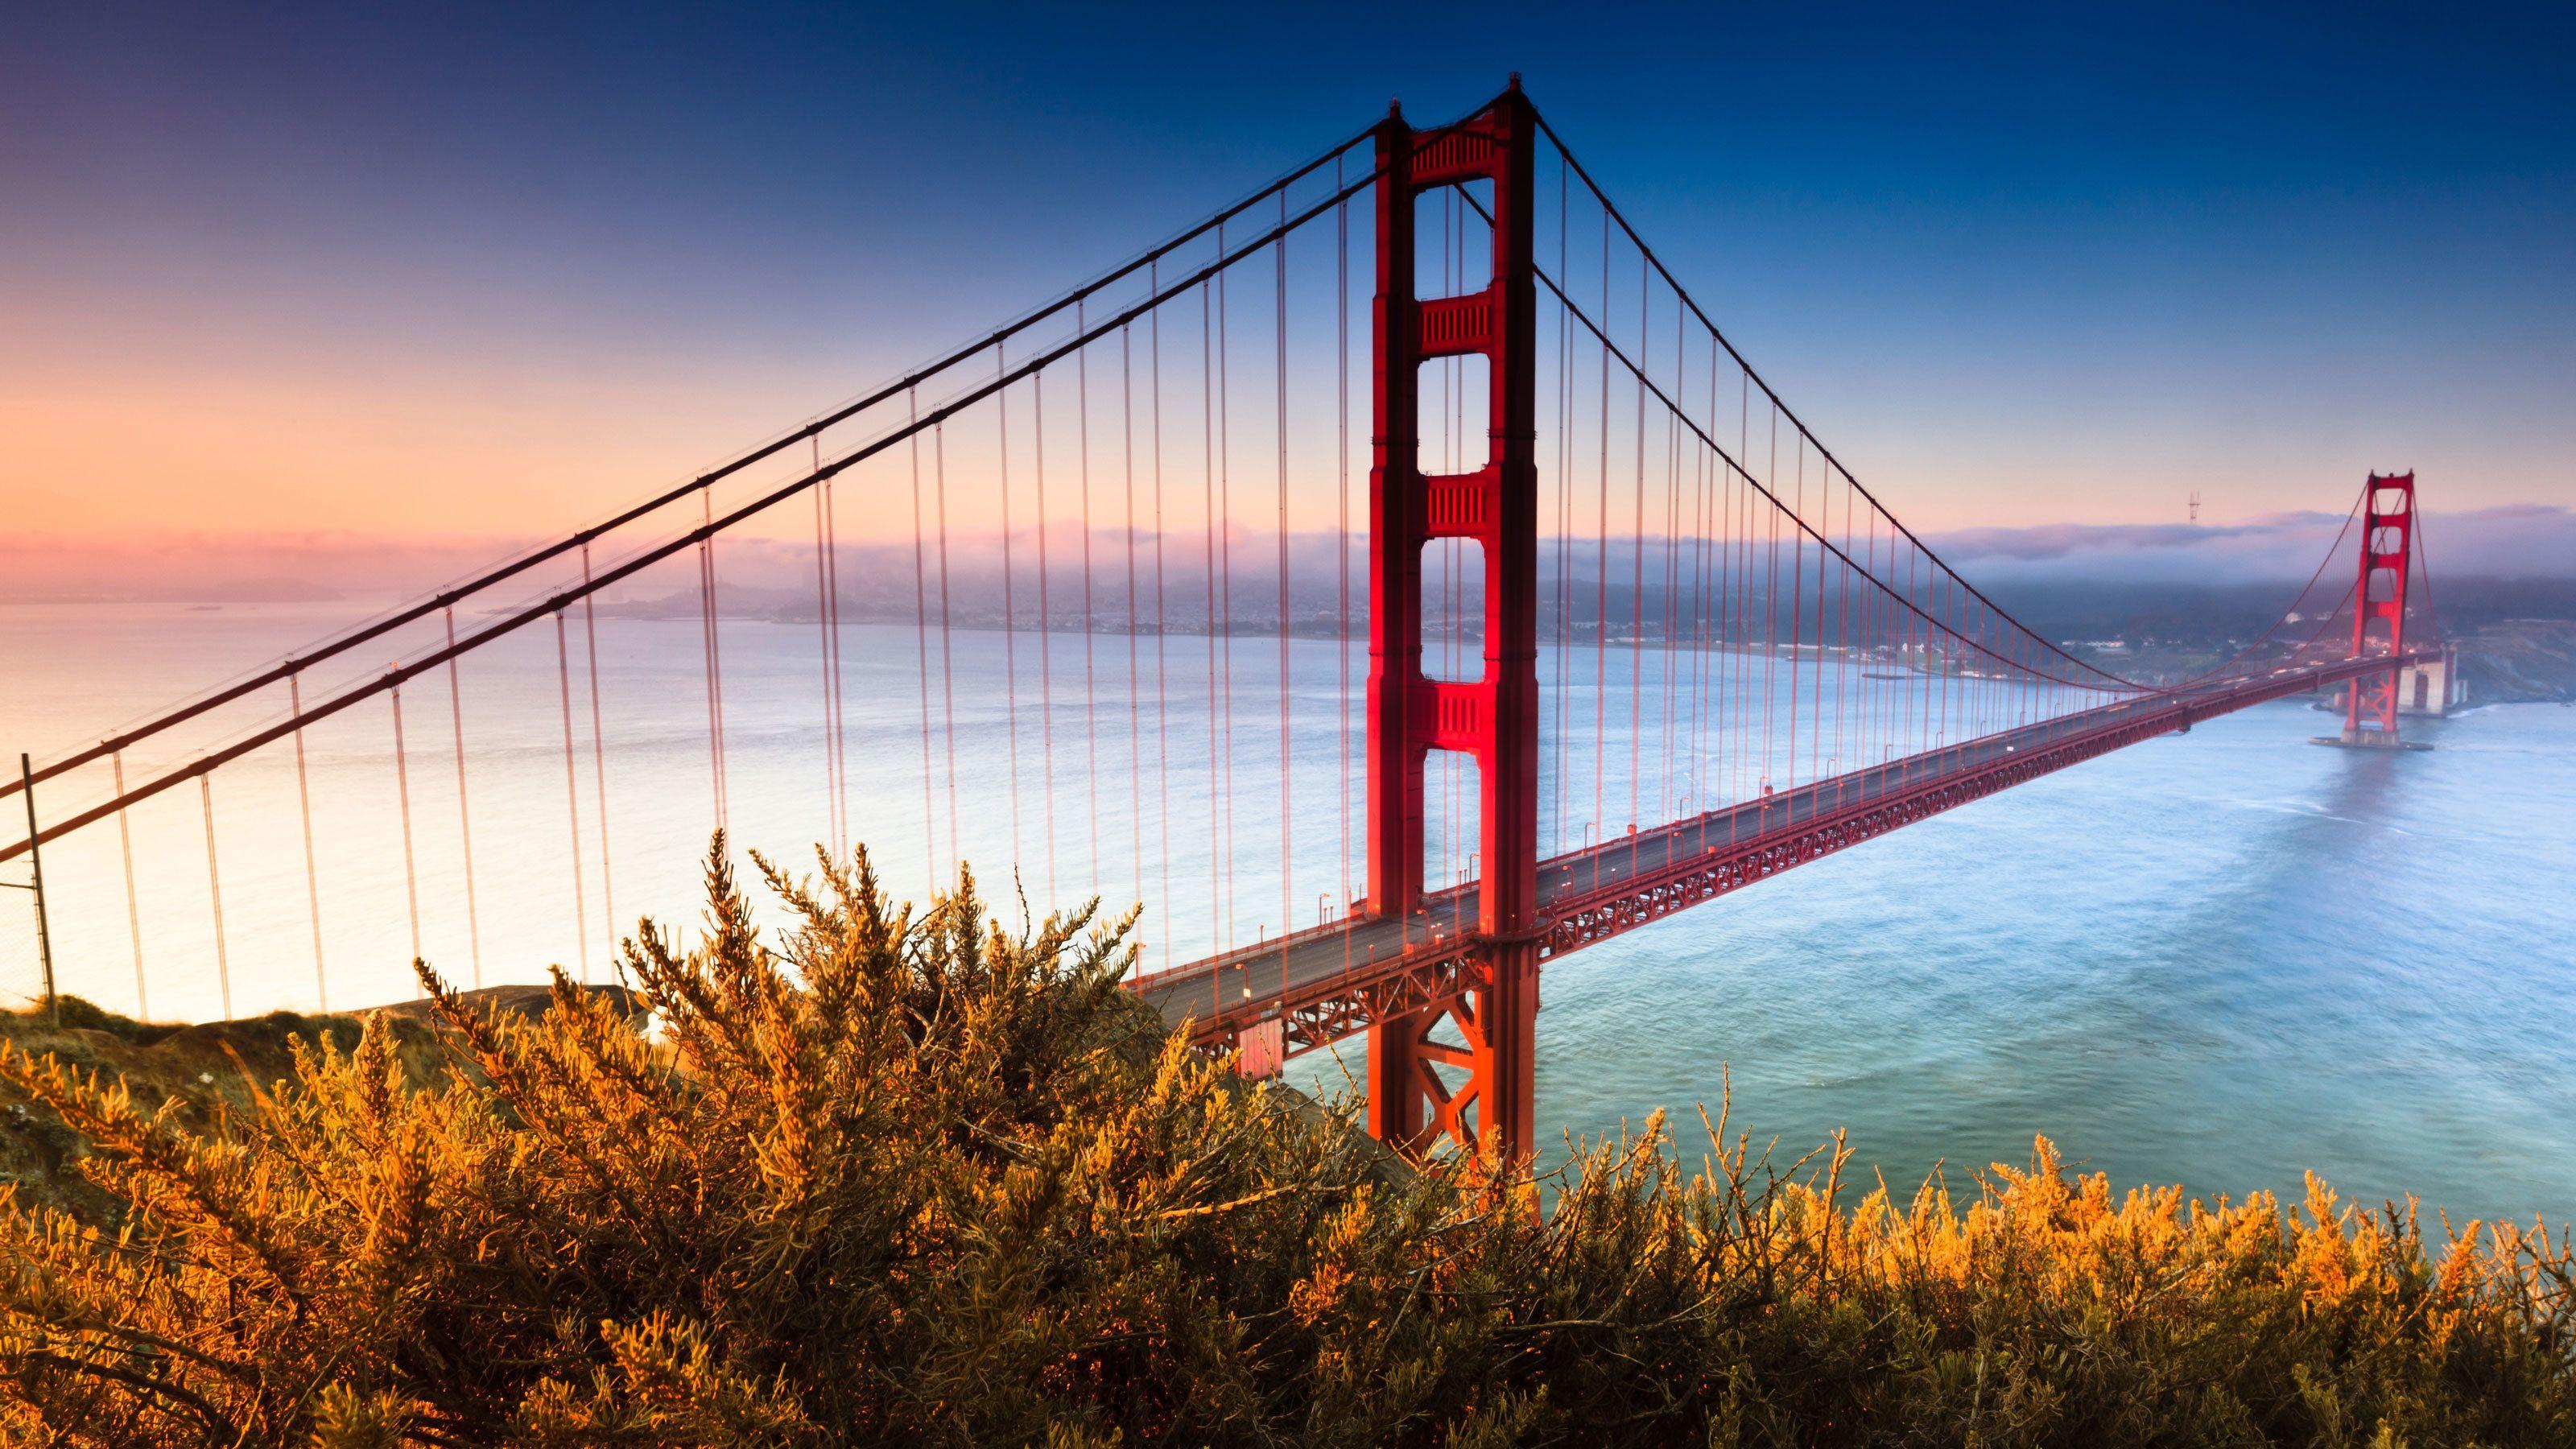 San Francisco's Golden Gate Bridge.